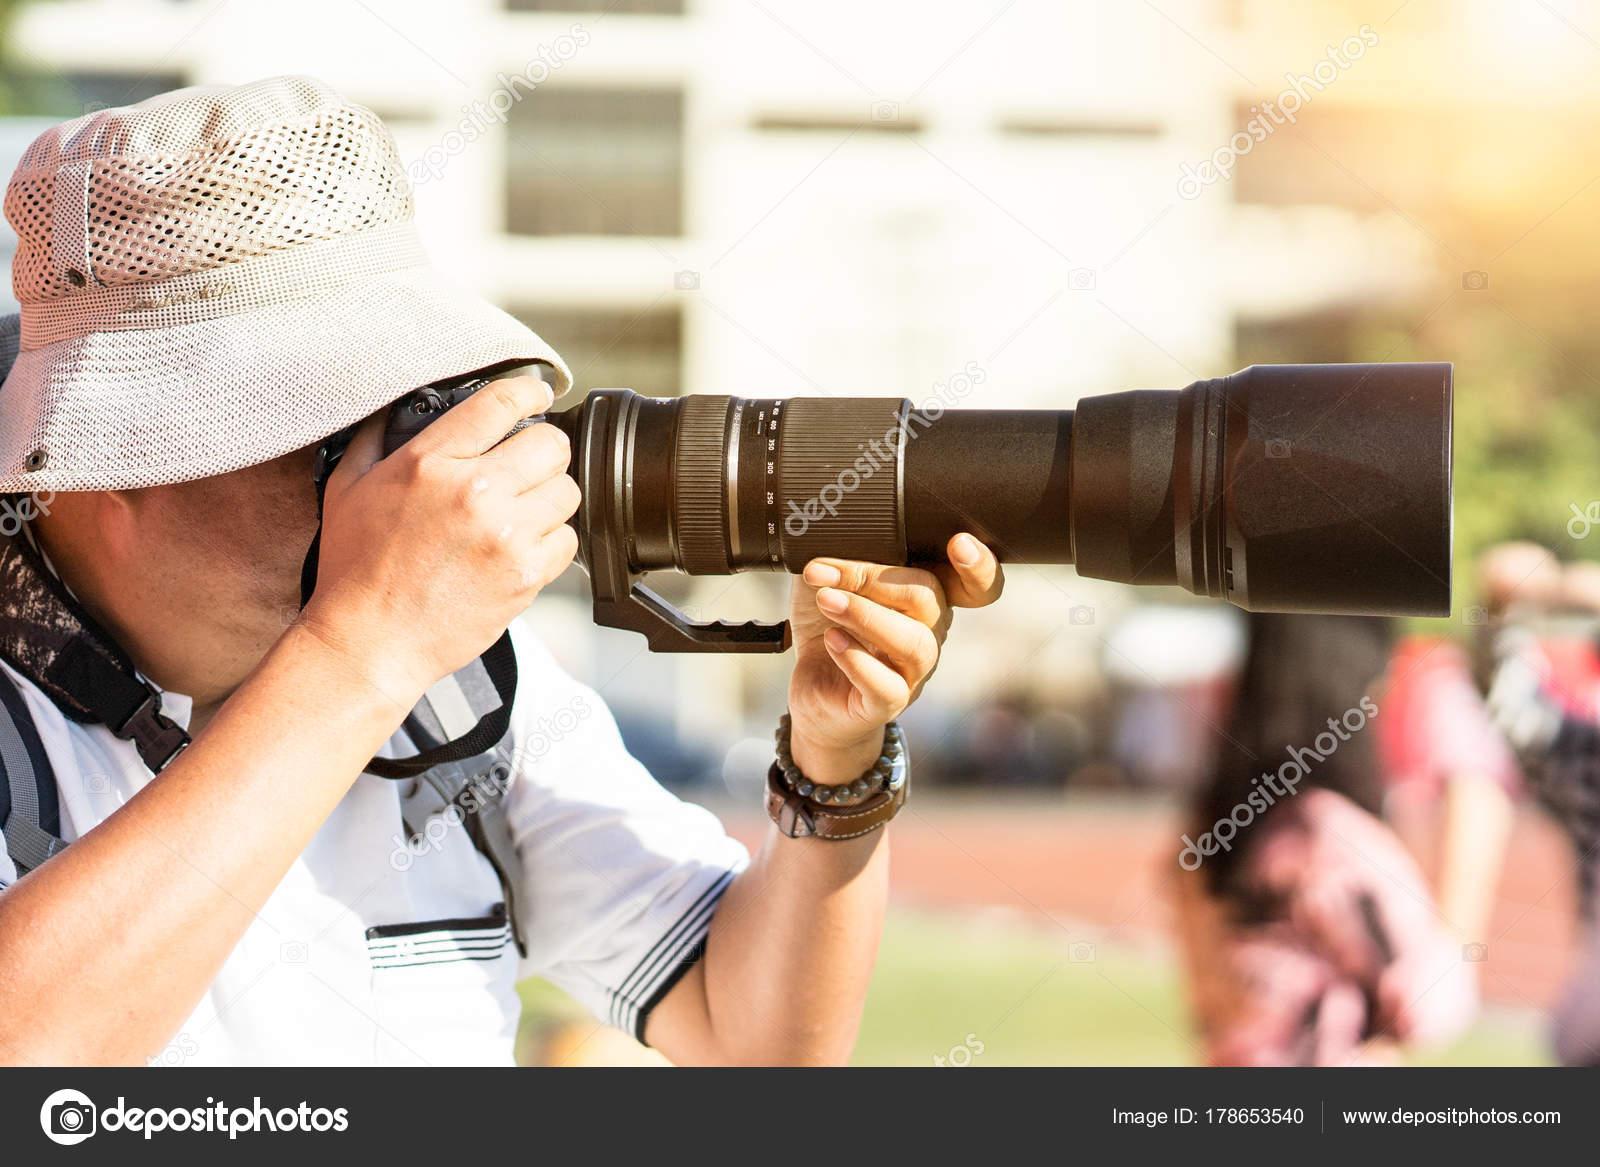 Fotograf Fotografiere Fussball Spiel Und Spieler Stadion